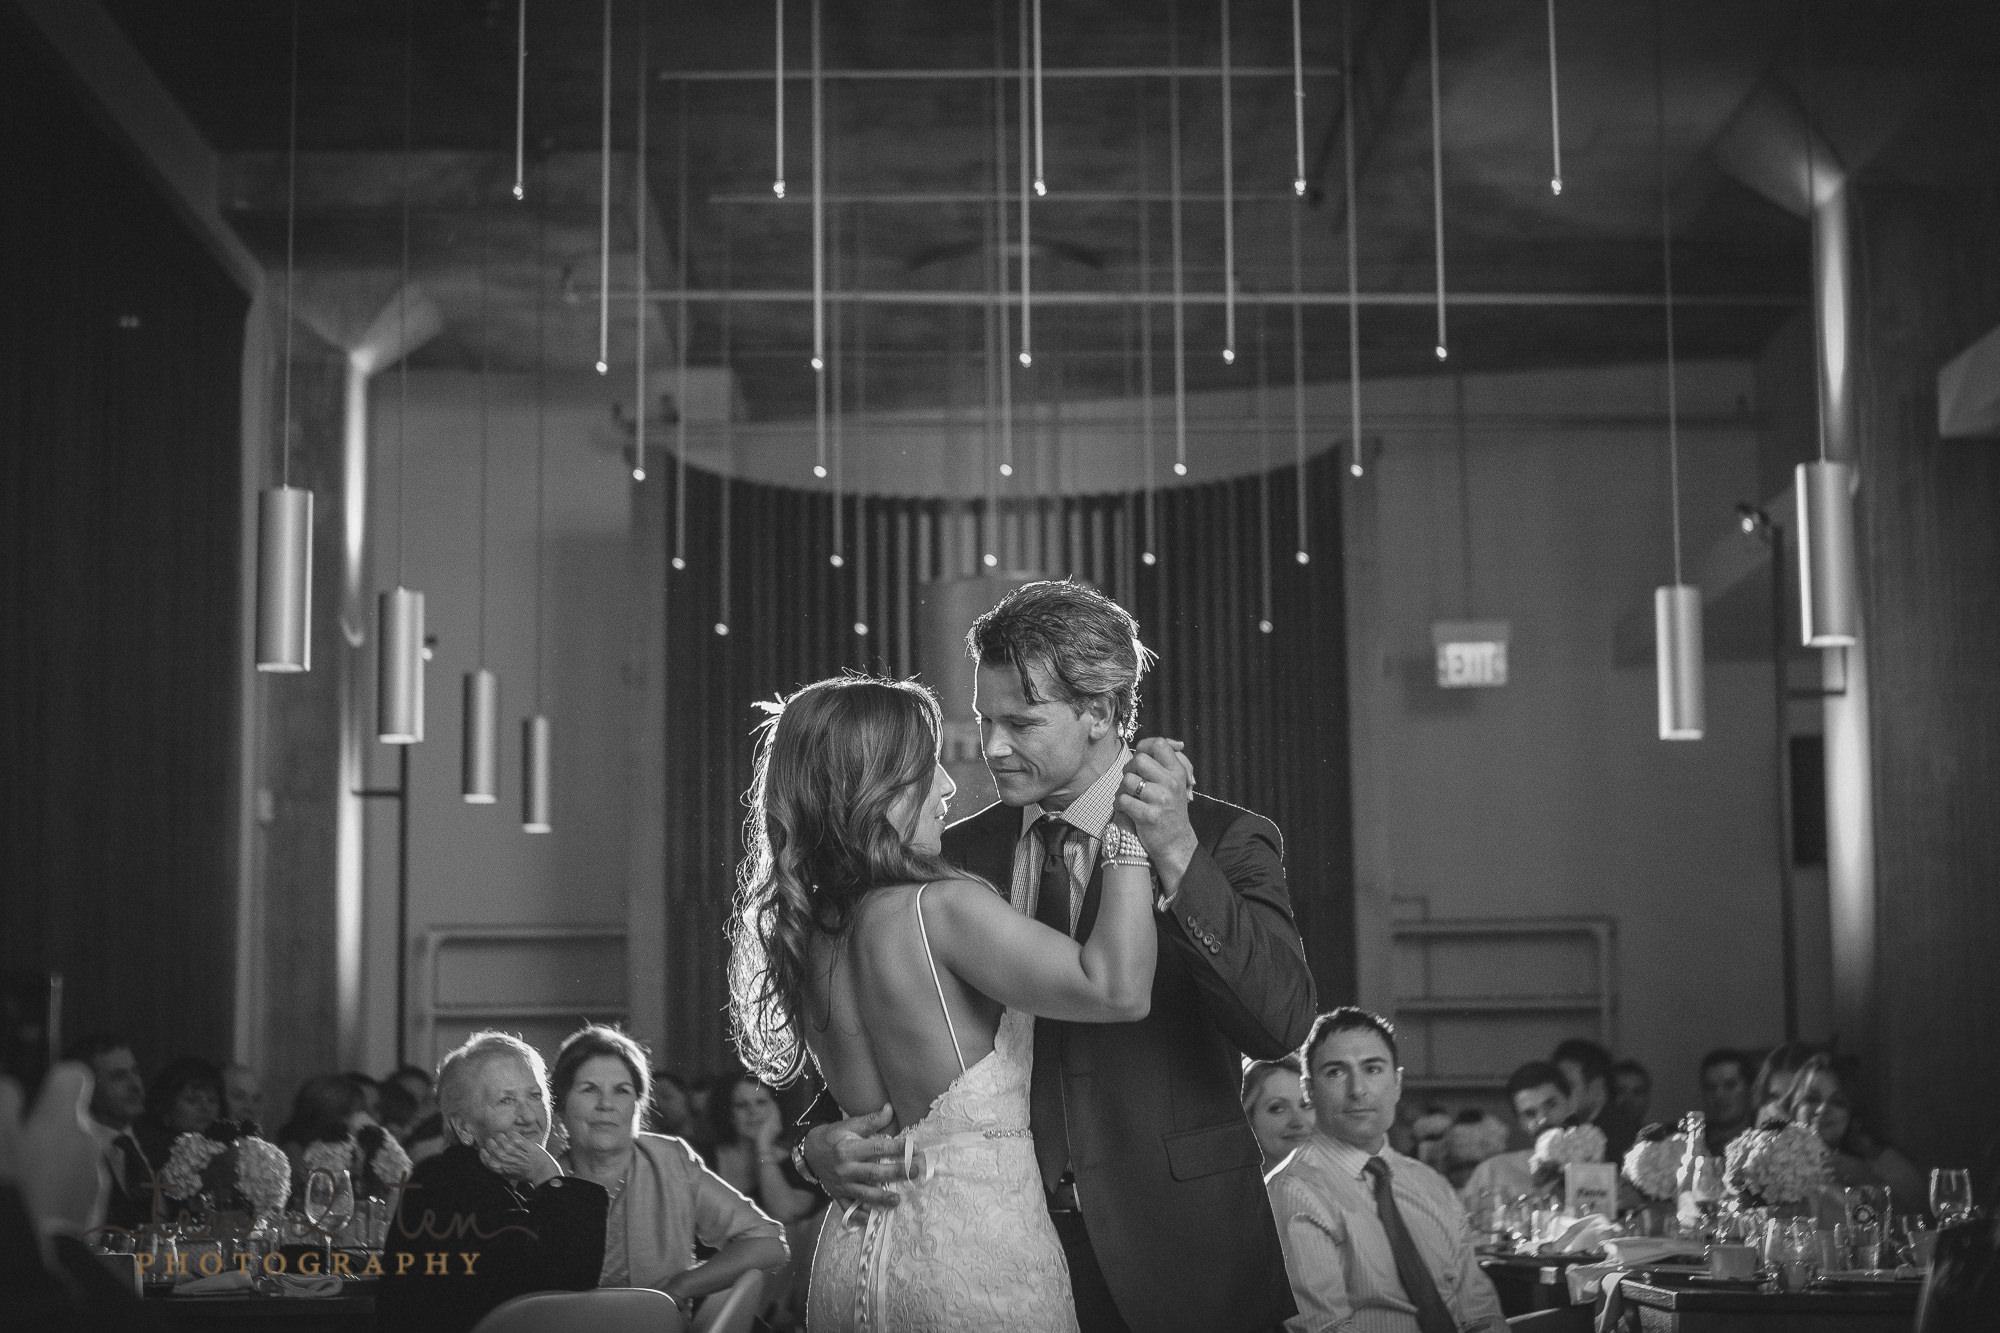 mildreds temple kitchen wedding photos 479 - Mildred's Temple Kitchen Wedding Photos